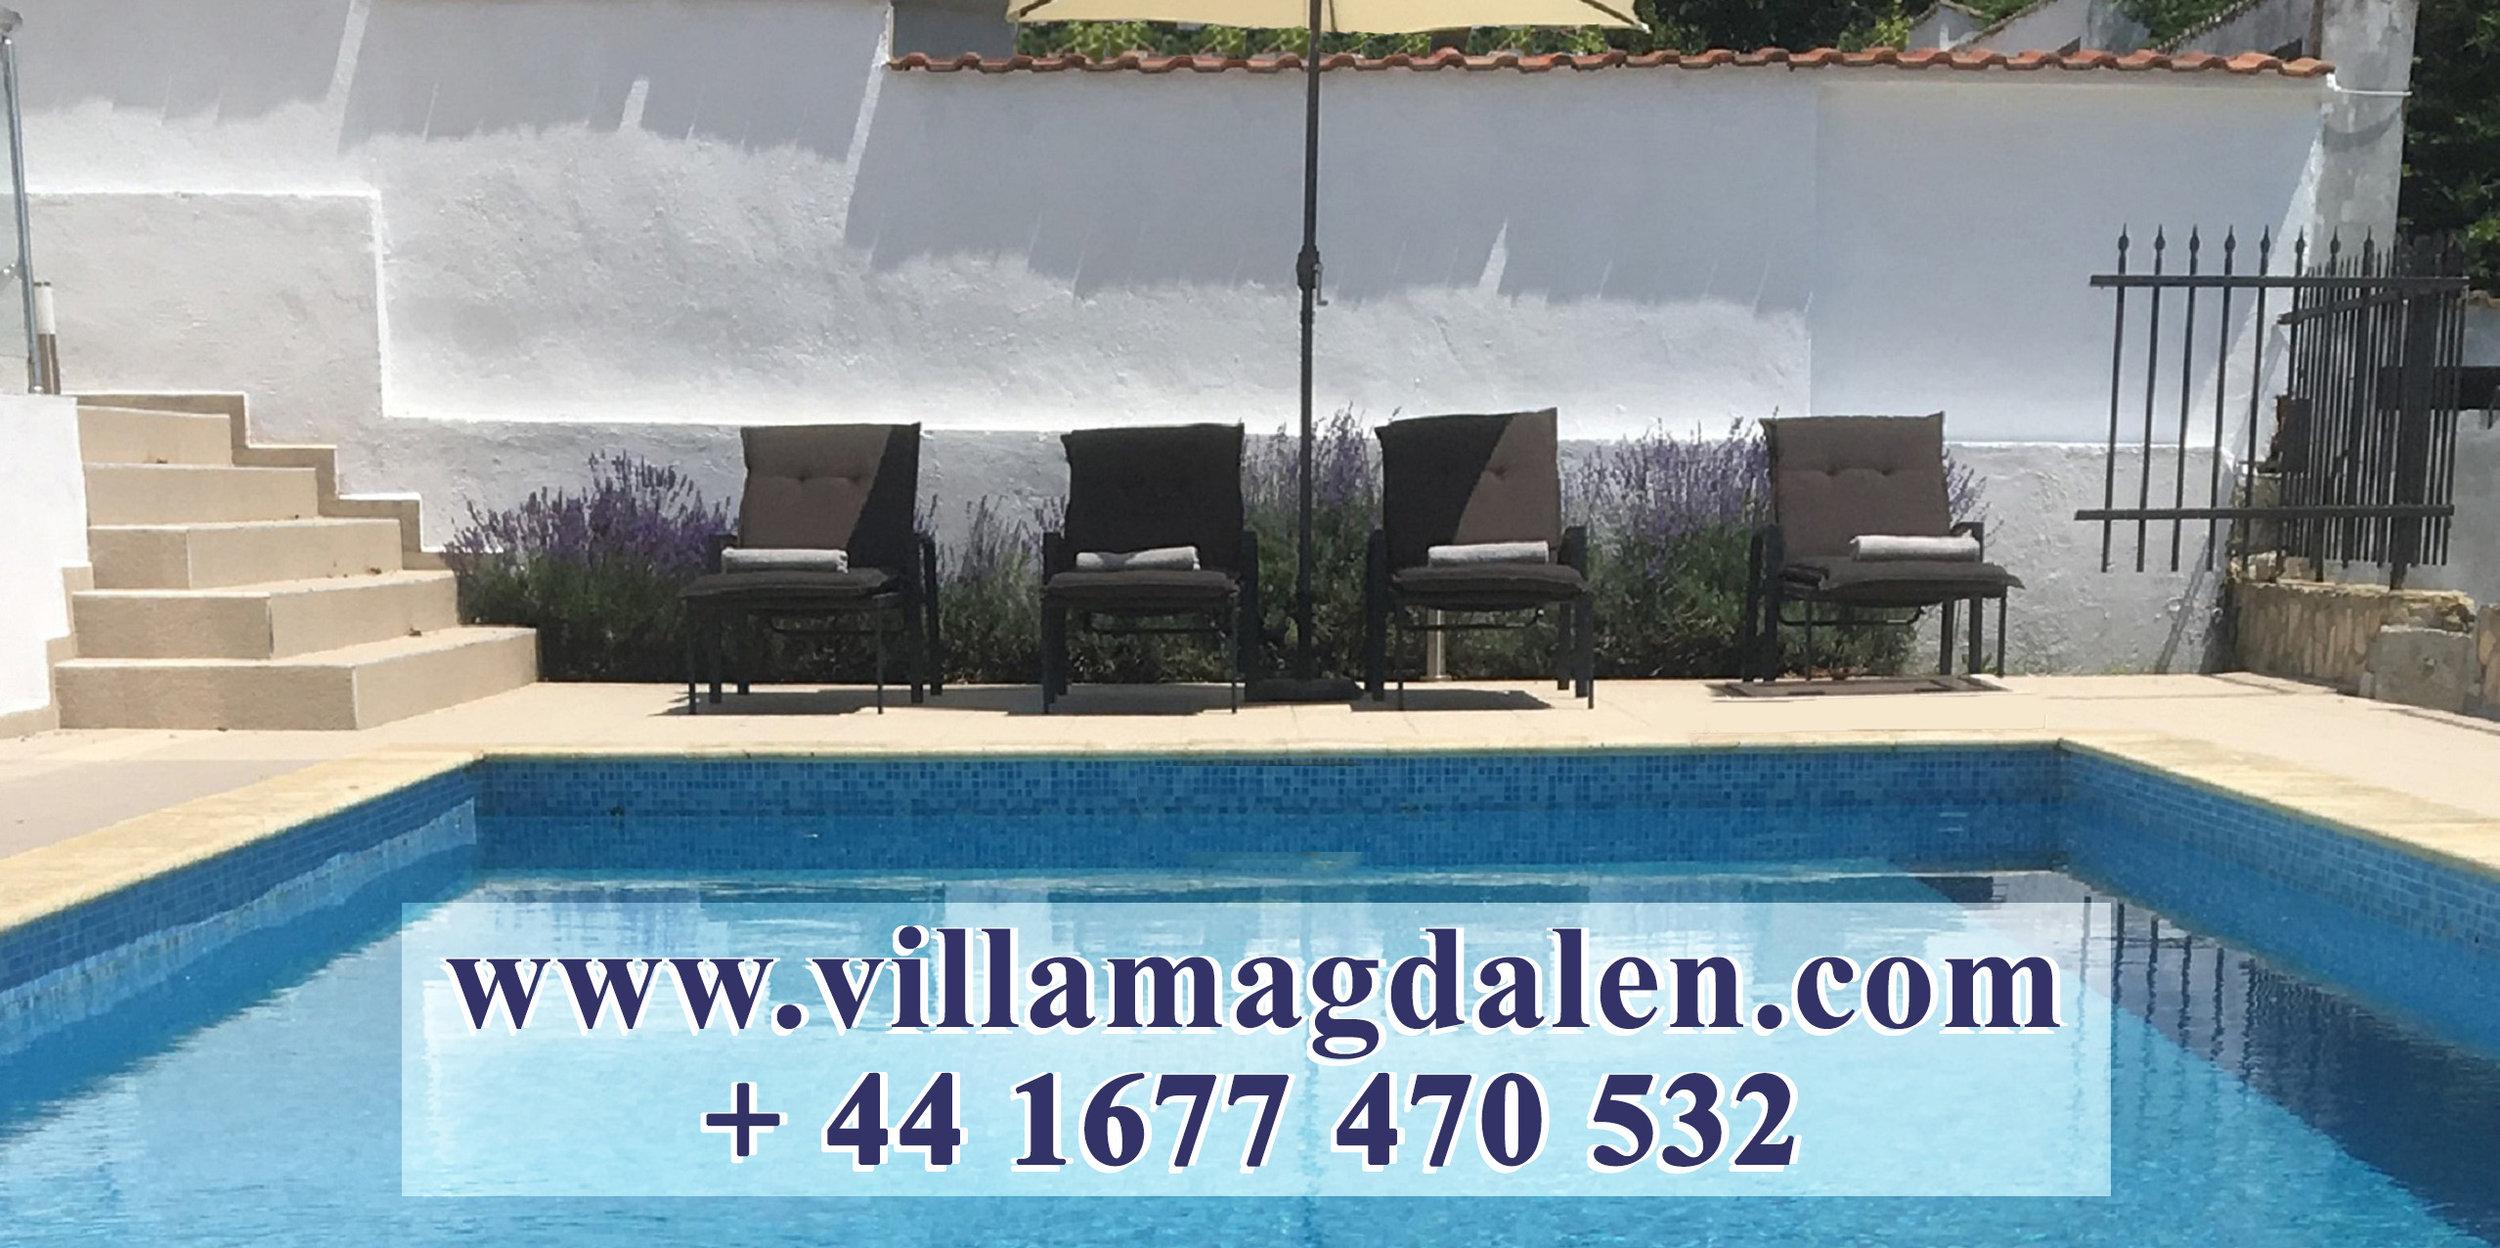 zwembad sunloungers retouche + URL+phone.jpg